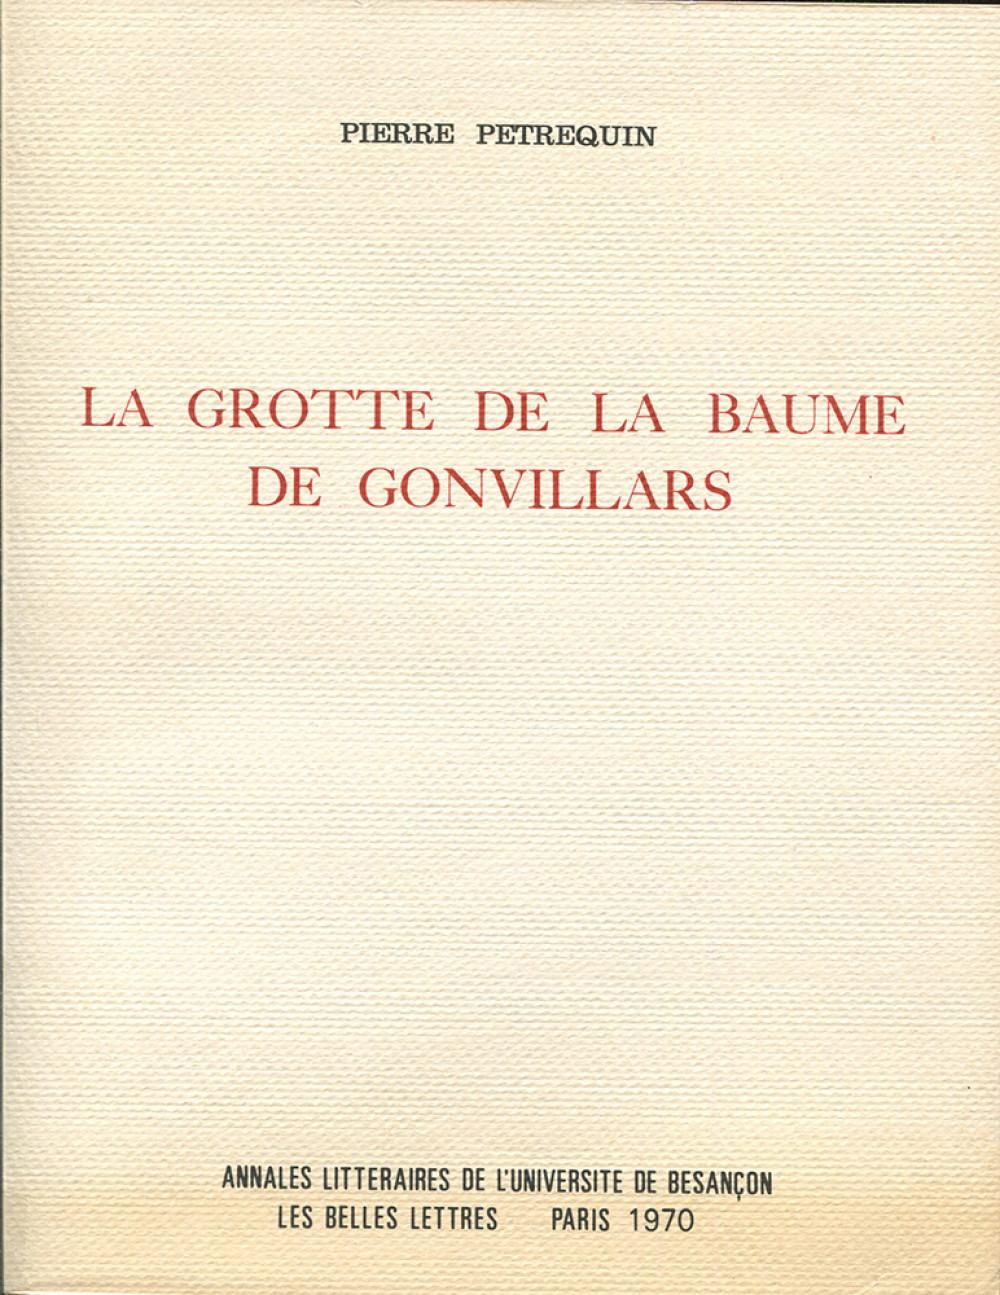 La grotte de la Baume-de-Gonvillars